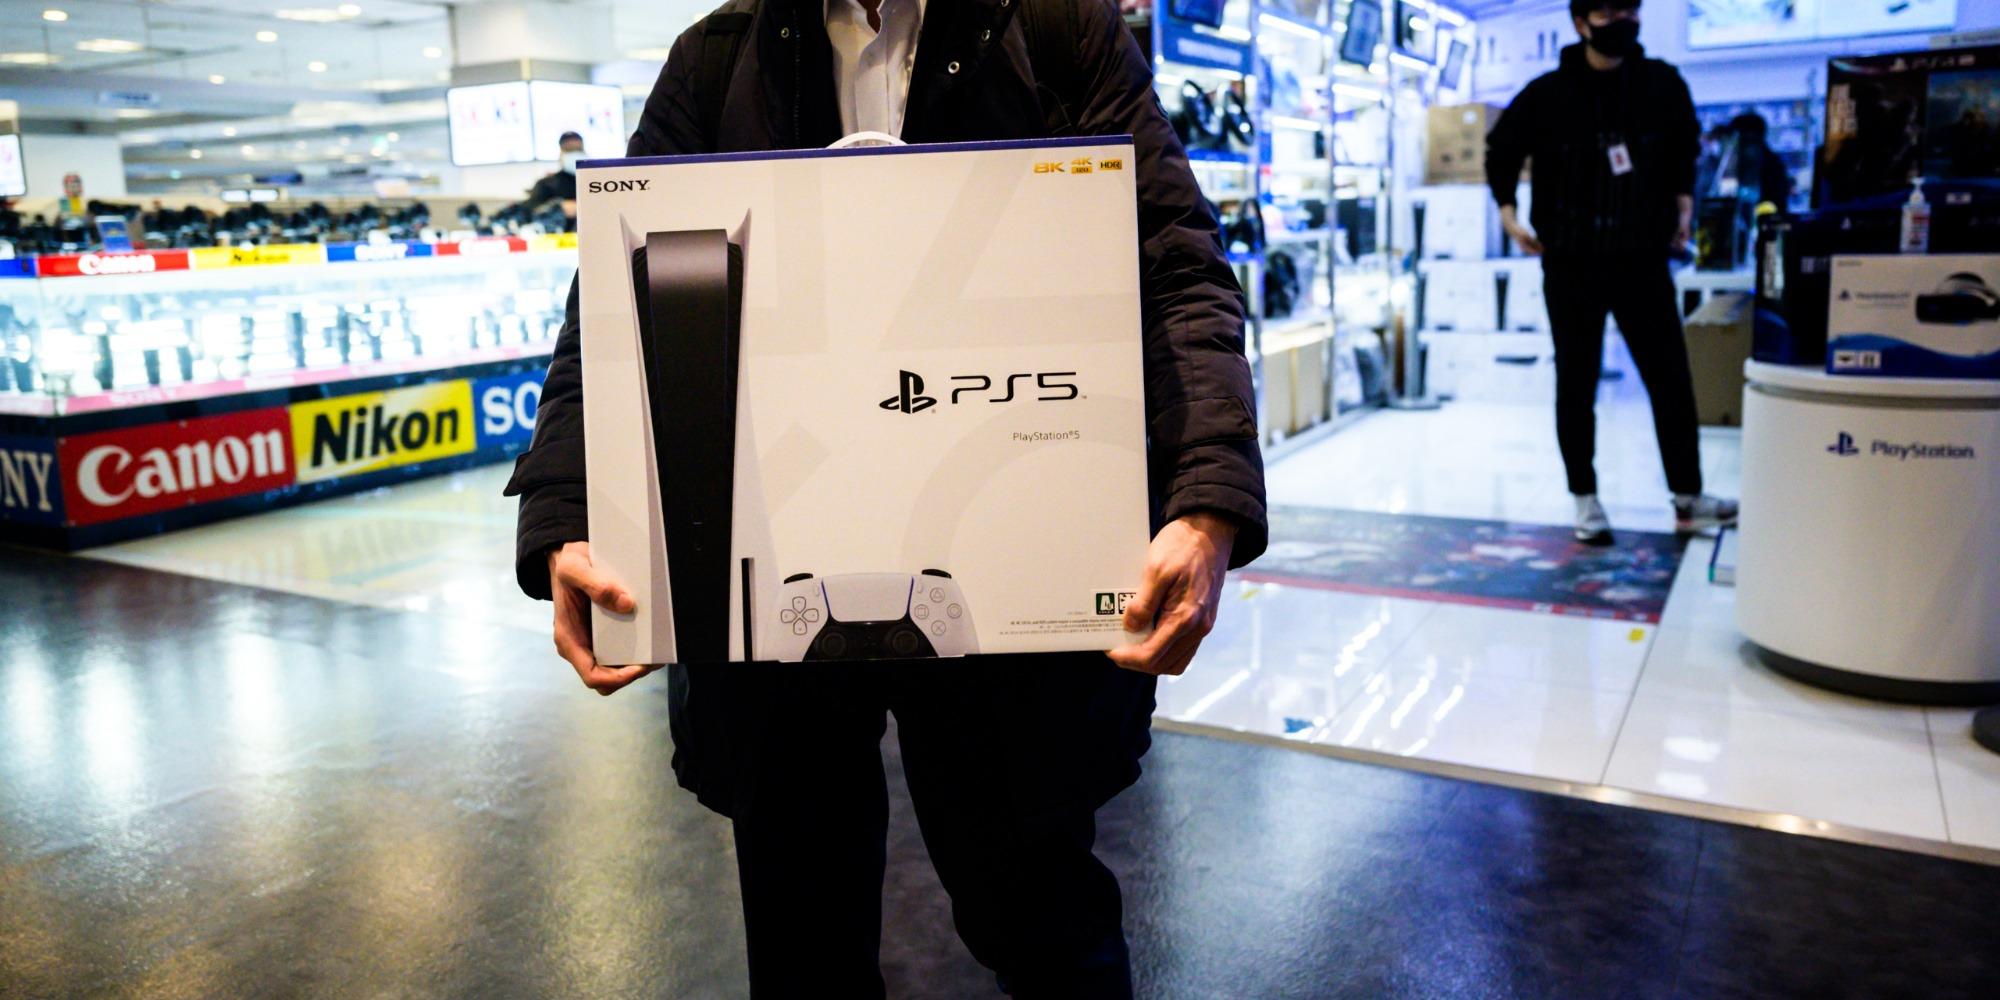 PS5 : pourquoi Sony envoie des mails d'invitation pour commander la (précieuse) console